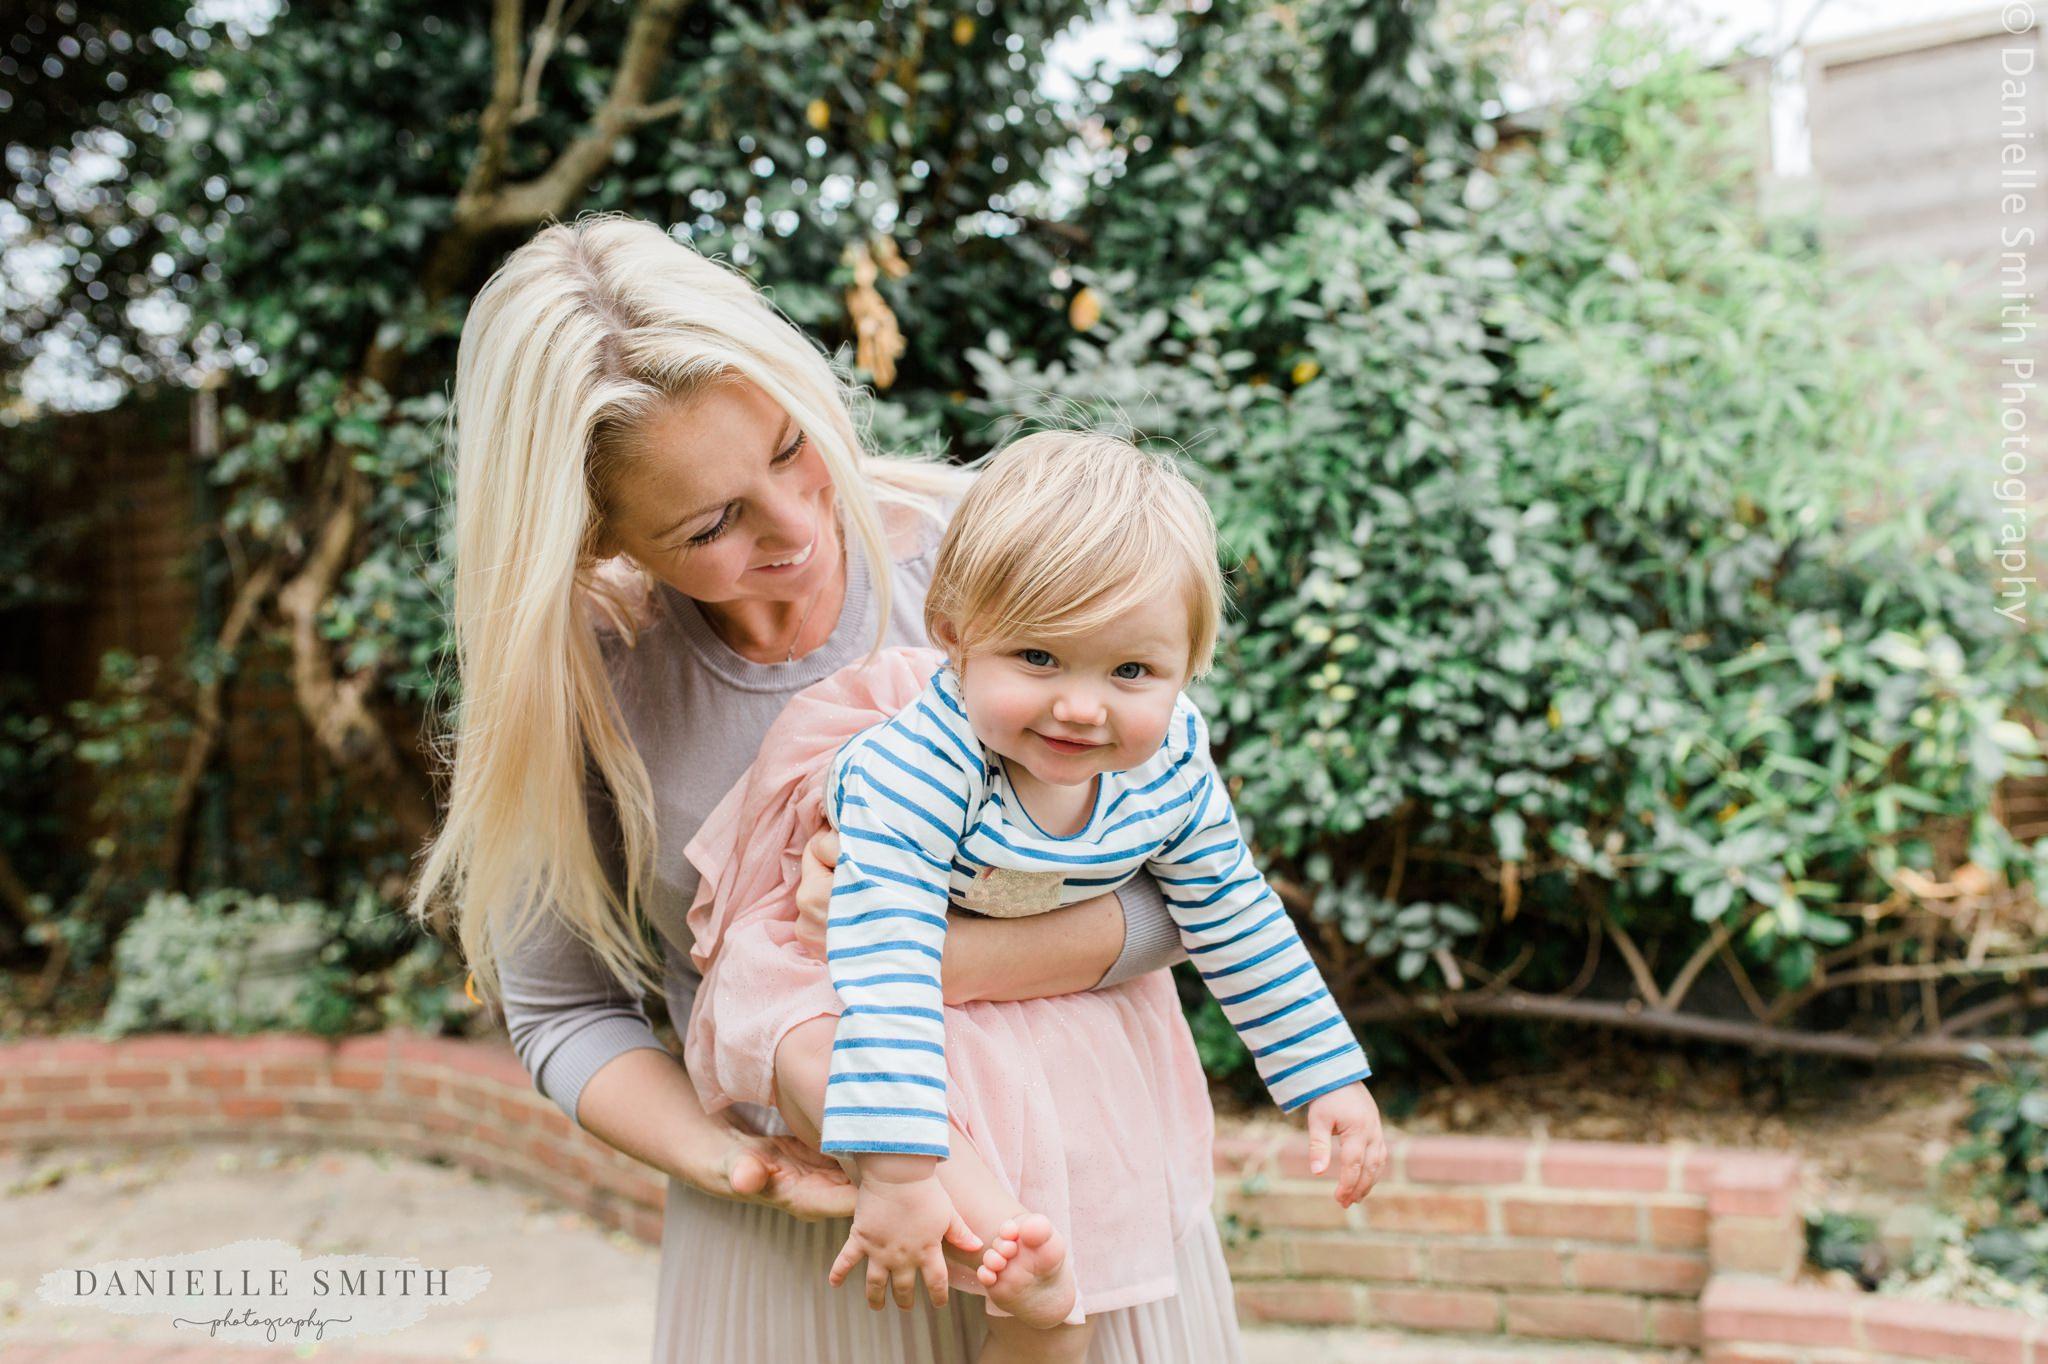 mum holding baby girl in garden - first birthday photos